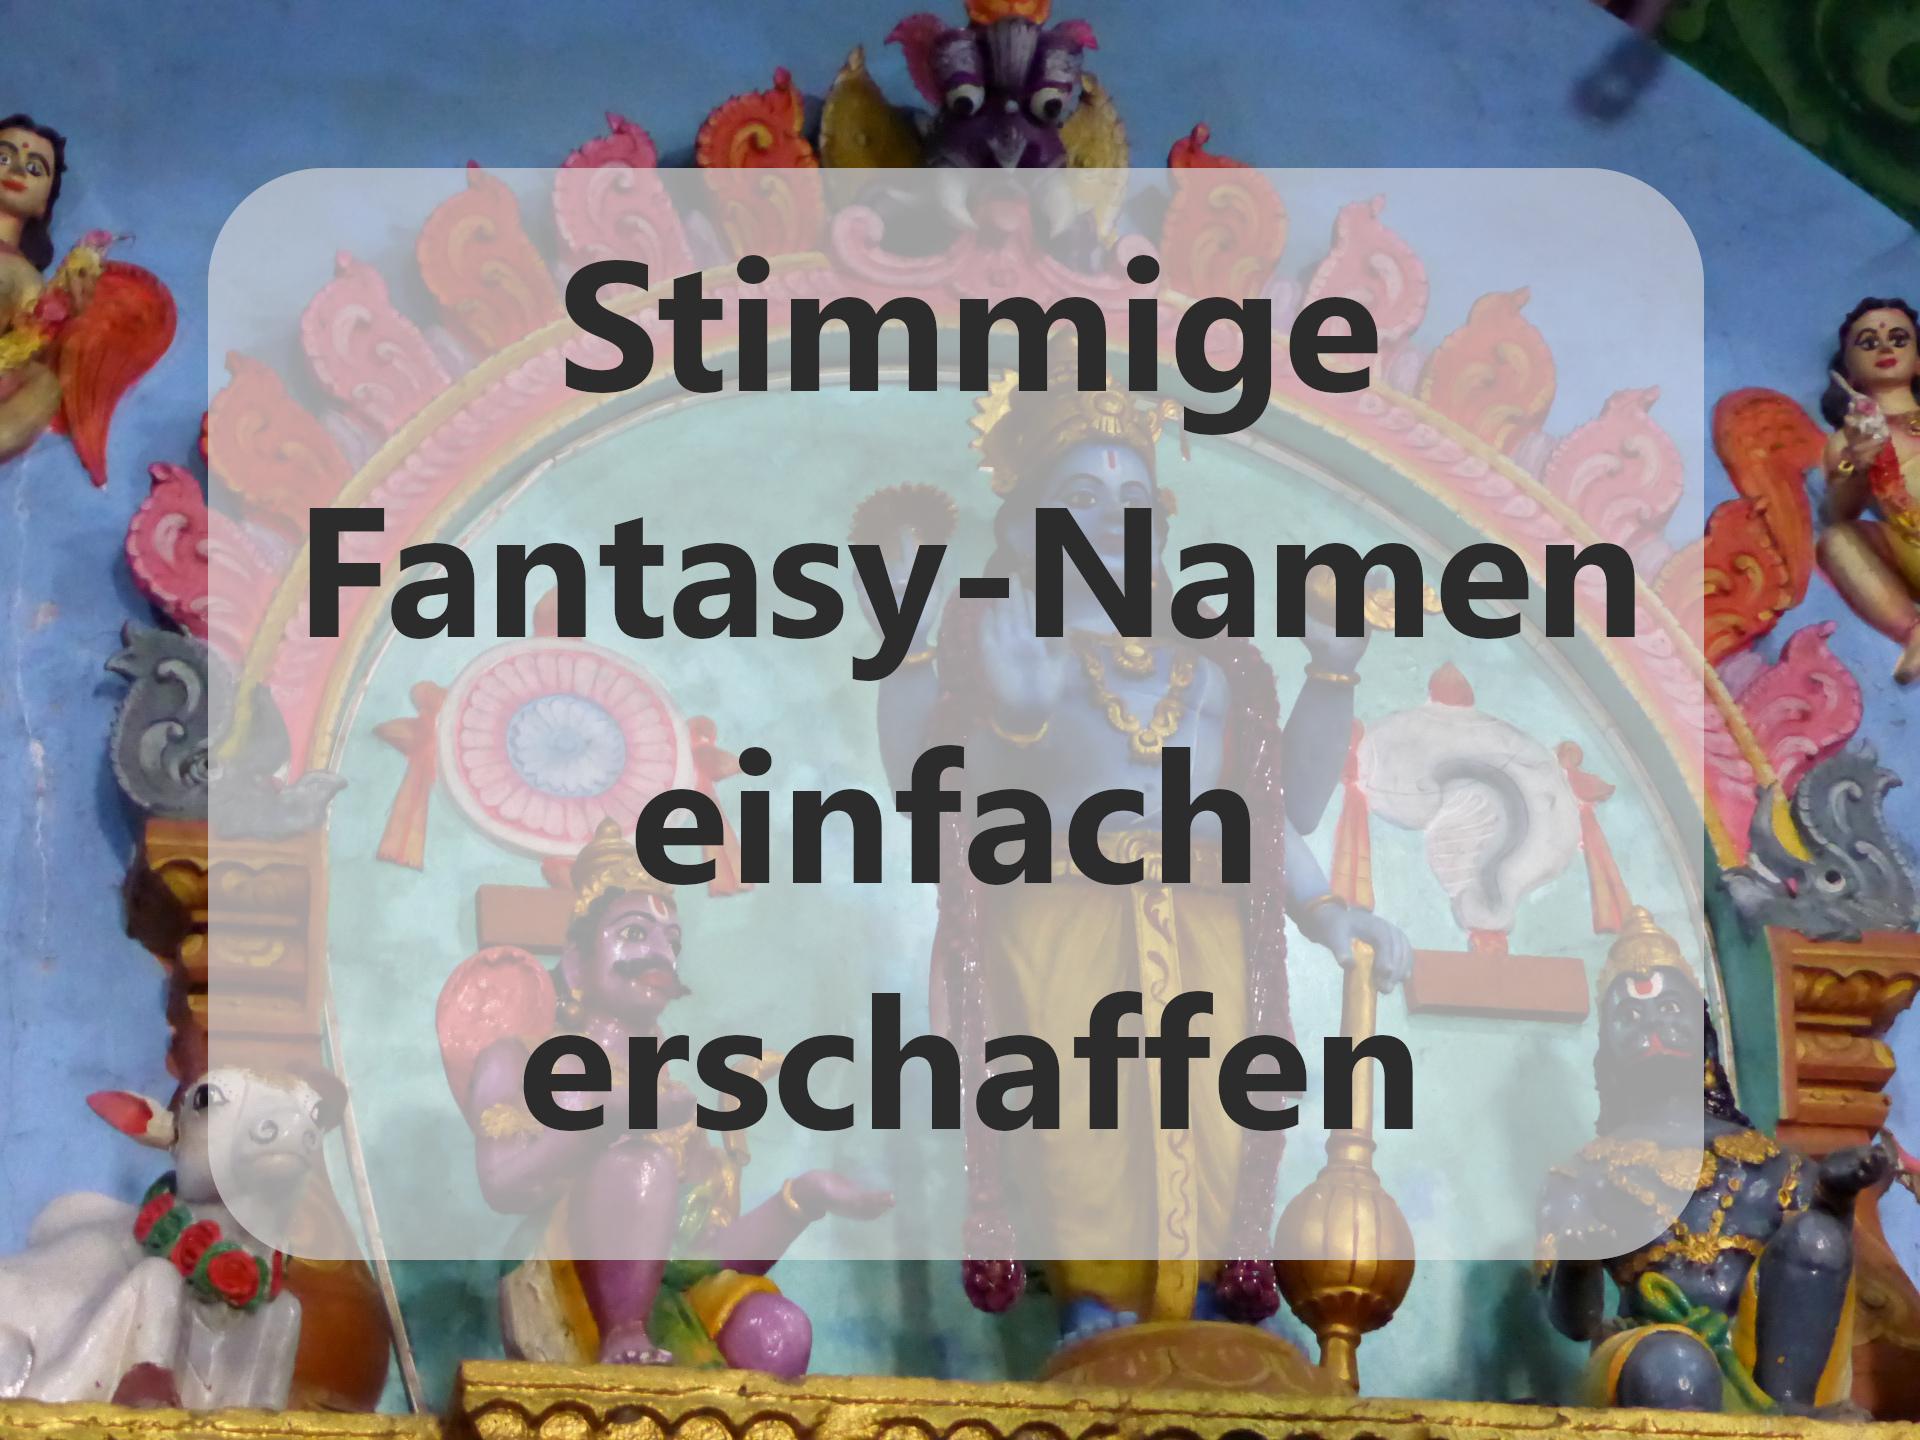 Stimmige Fantasy-Namen einfach erschaffen